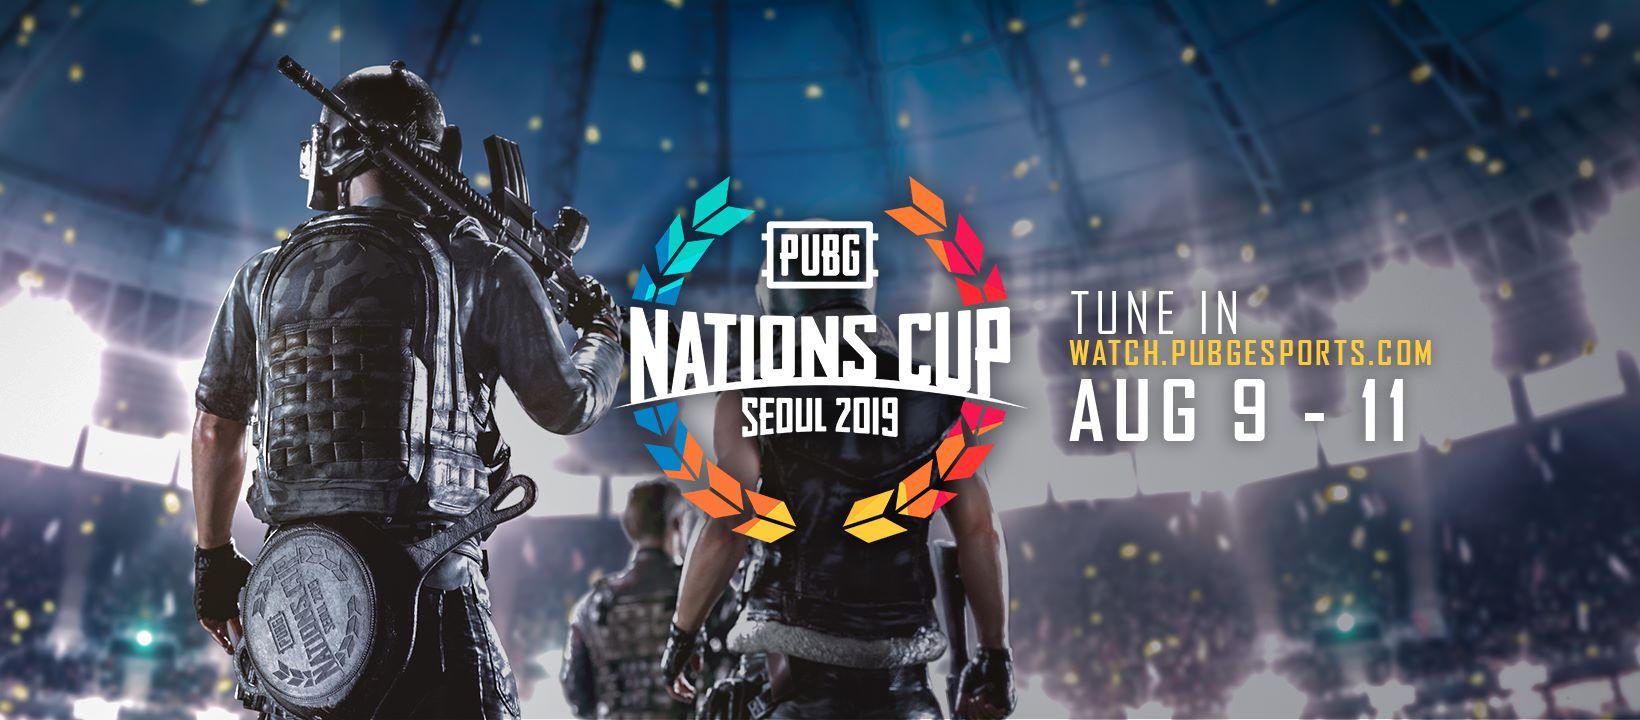 Российская команда заняла первое место наPUBG Nations Cup вЮжной Корее